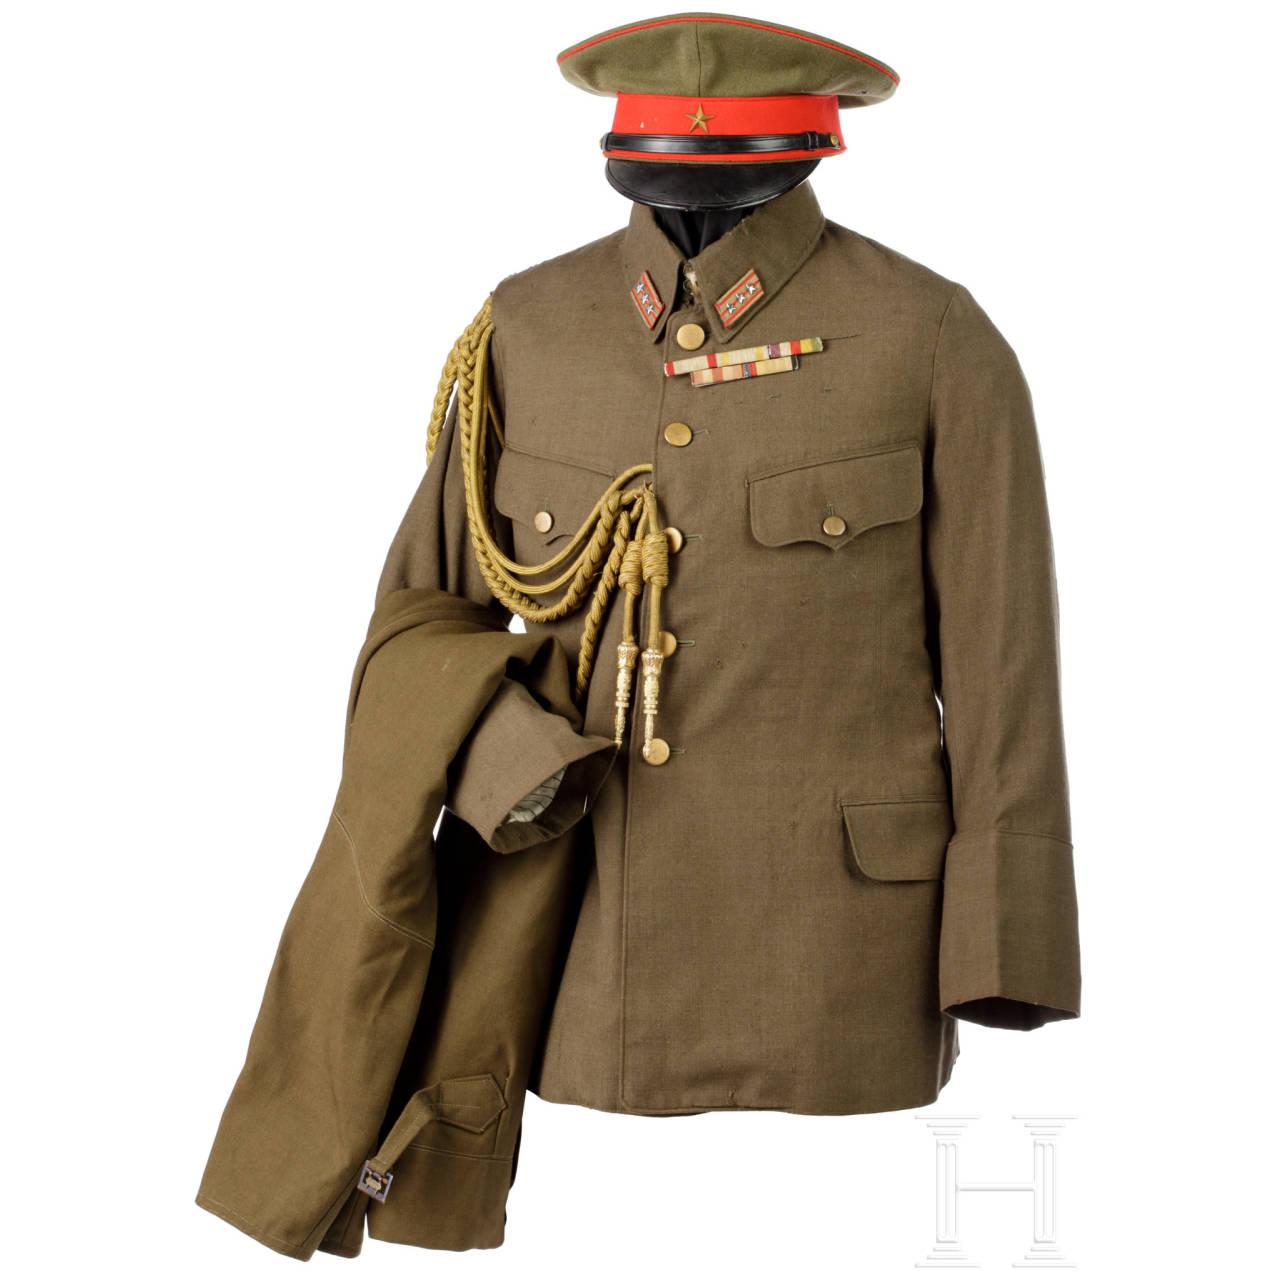 Uniform eines Armee-Offiziers im 2. Weltkrieg